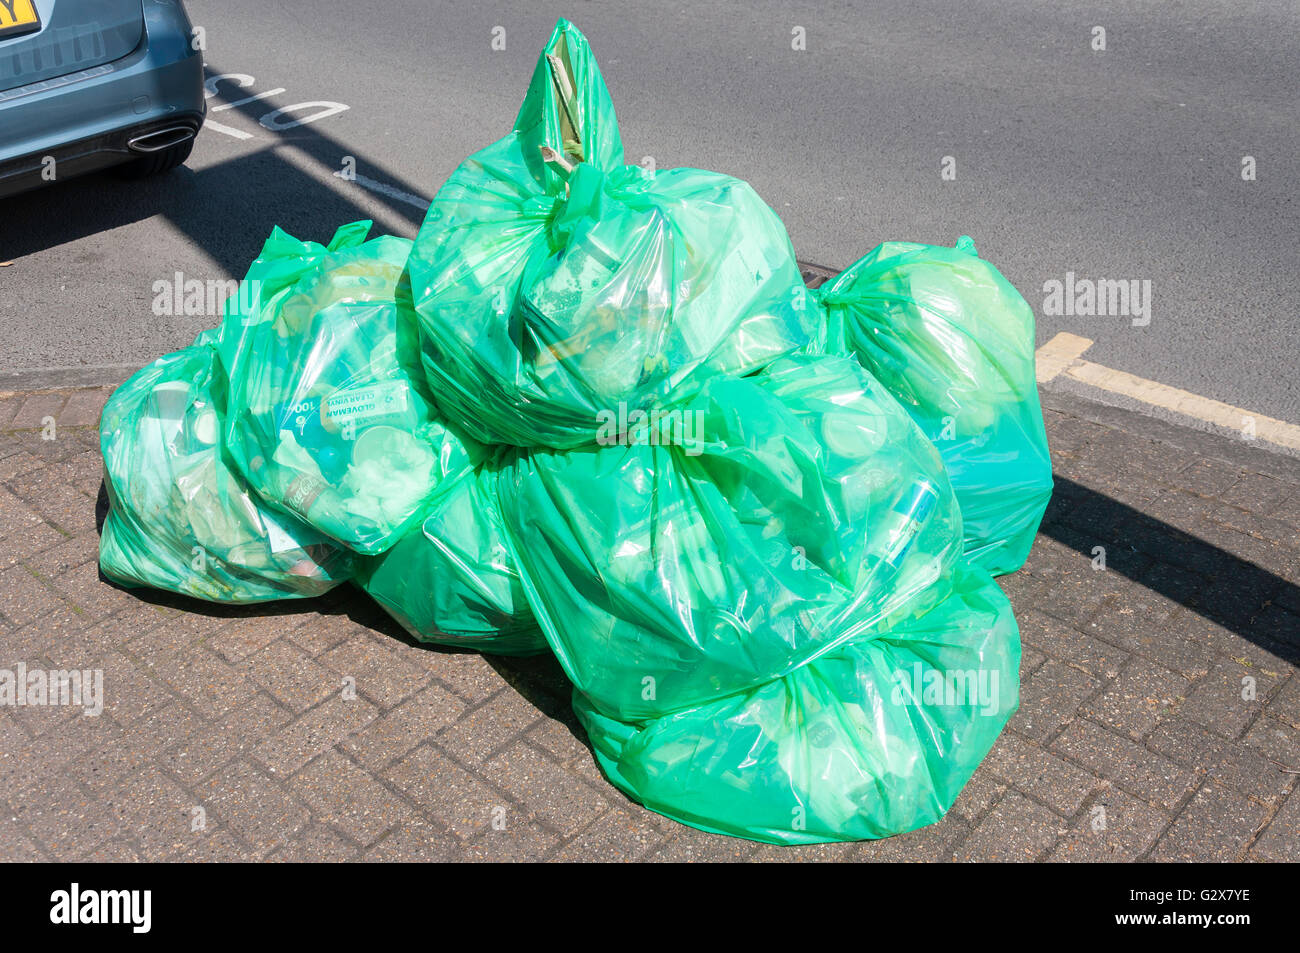 Riciclaggio di plastica Sacchi sul marciapiede, Church Road, Ashford, Surrey, England, Regno Unito Immagini Stock